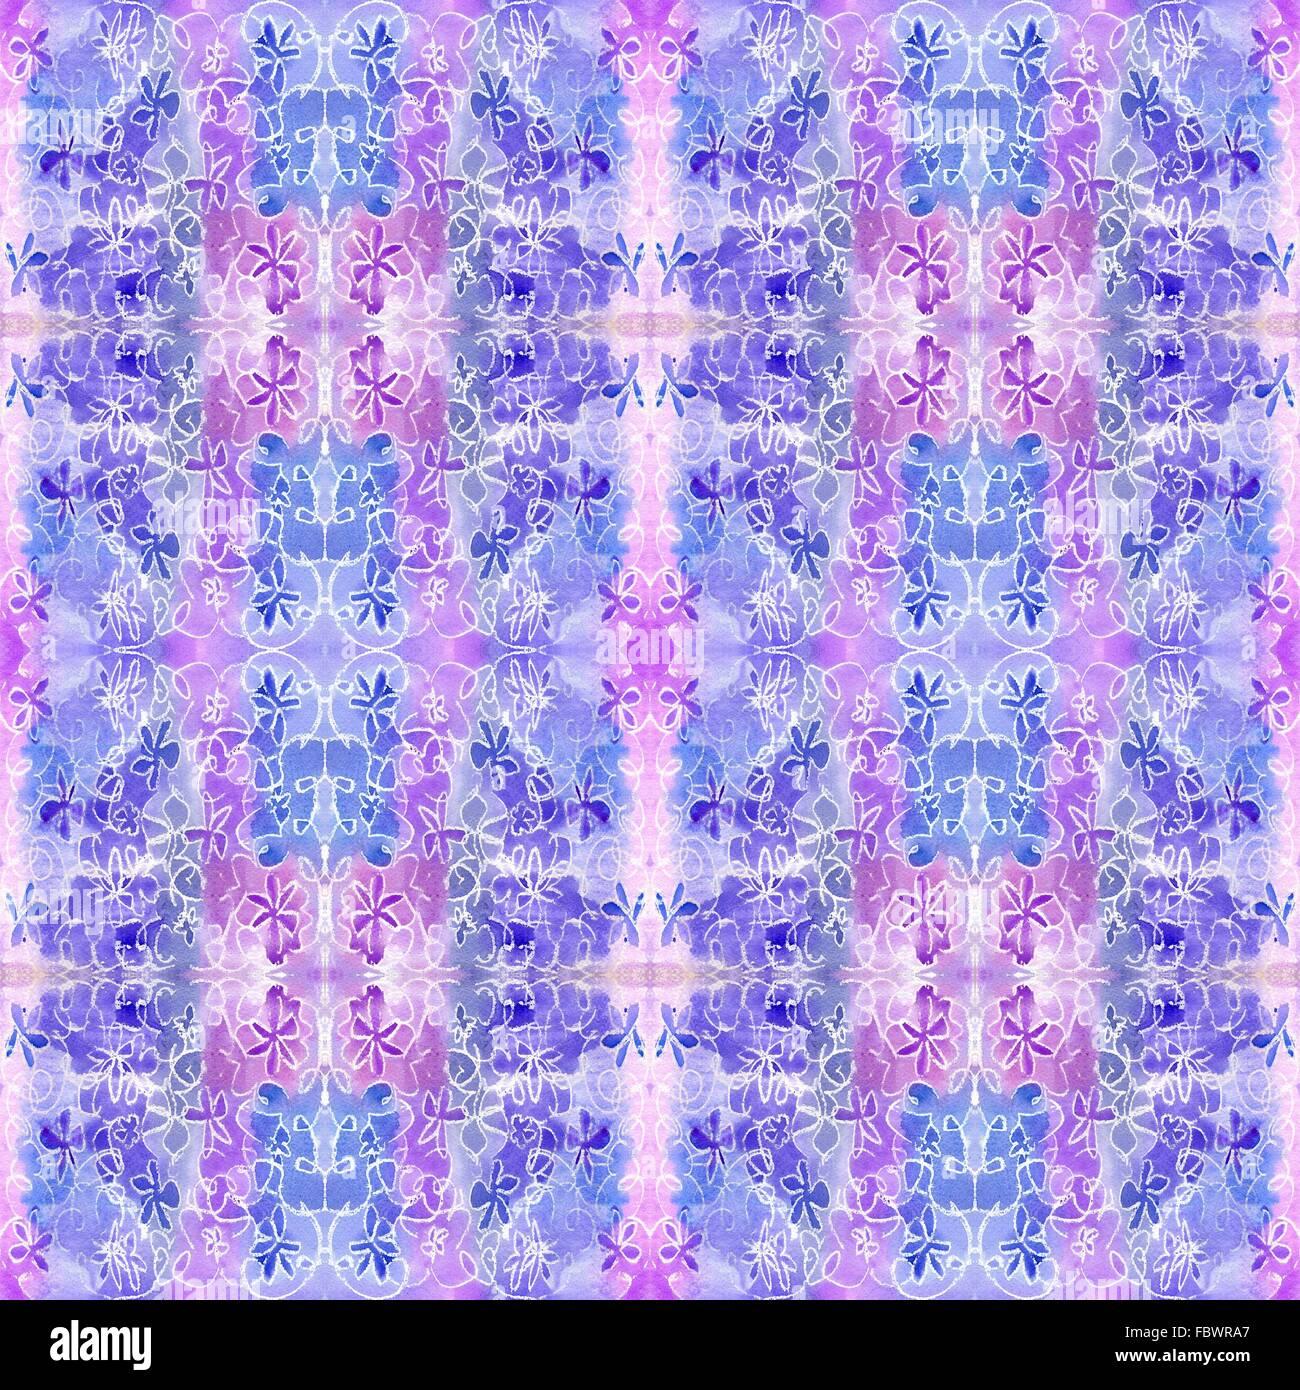 Répétition motif lilas aquarelle Photo Stock